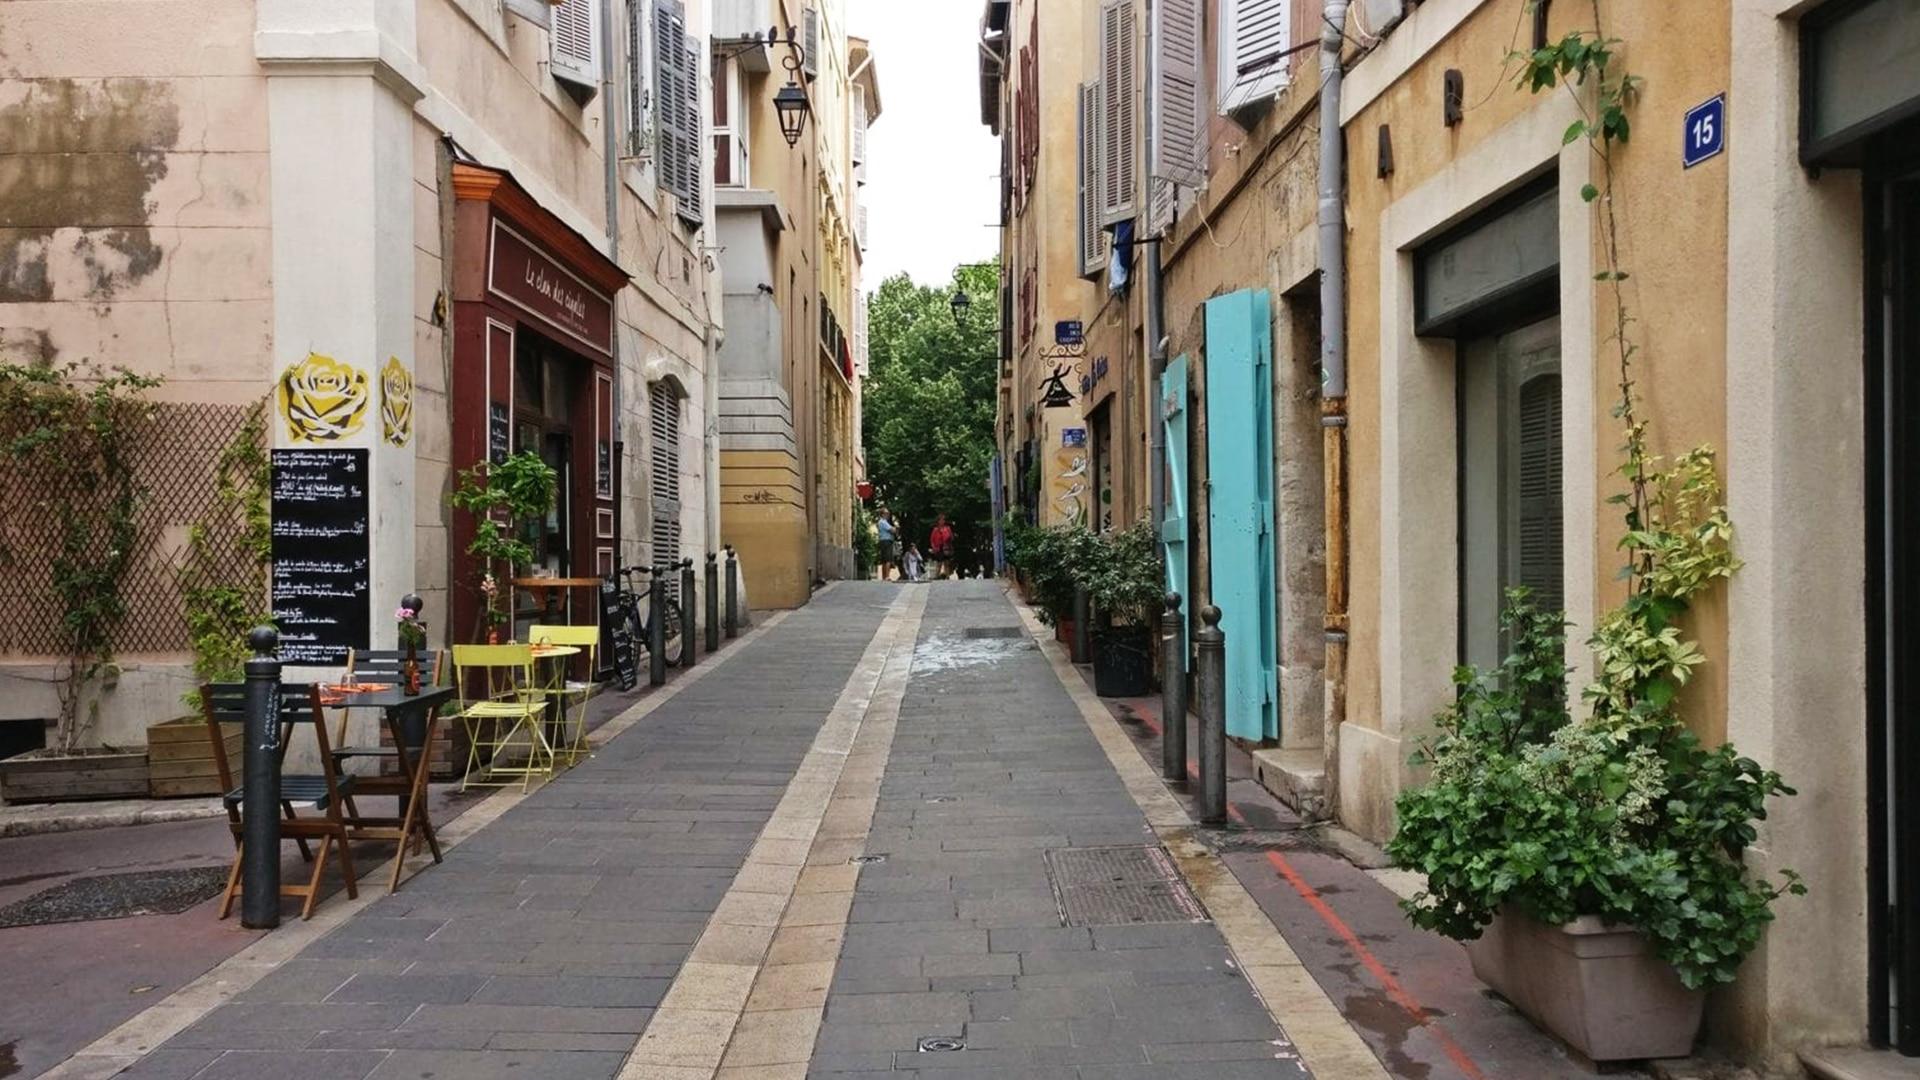 Le quartier du Panier est l'un des endroits les plus beaux et les plus touristiques de Marseille